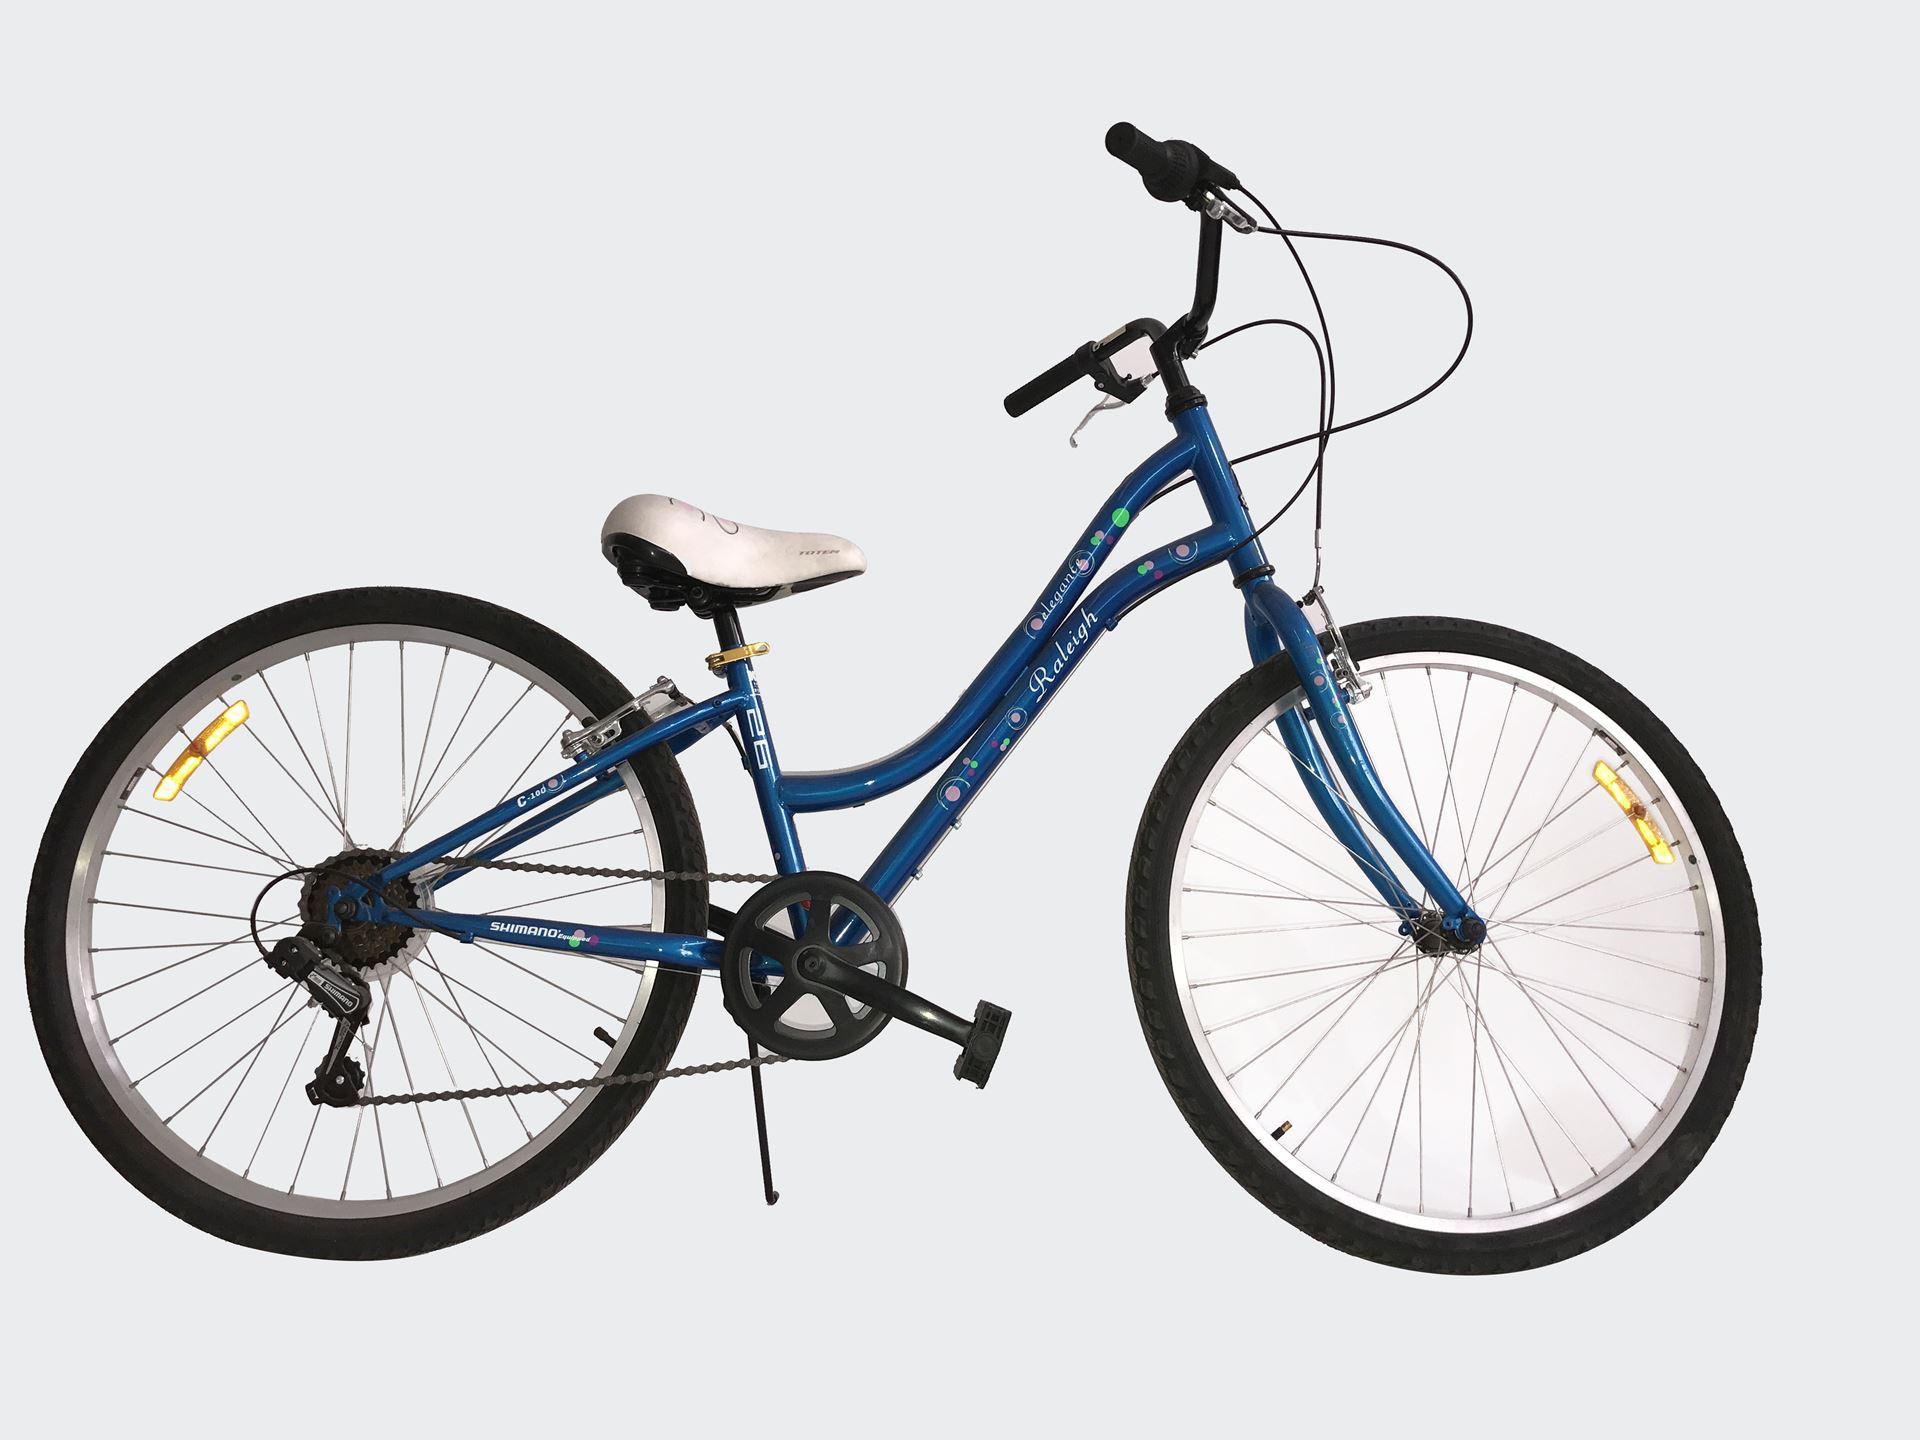 אופני עיר לנשים RALEIGH c100